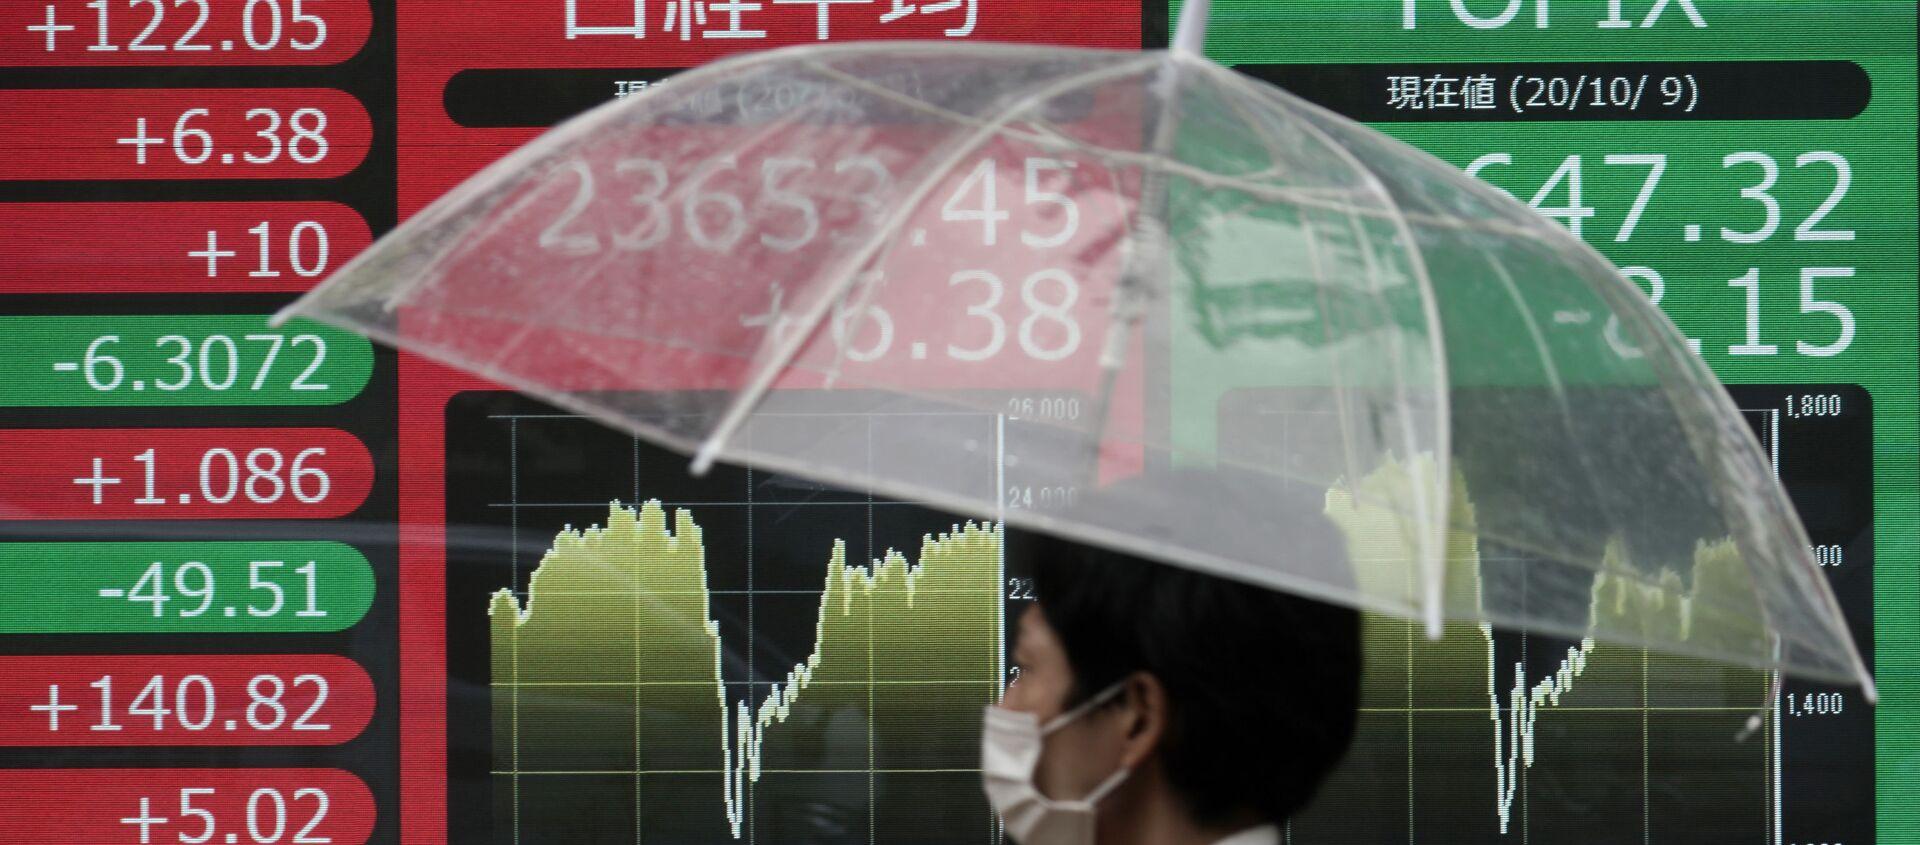 アジアが地球の救済に数兆ドルを用意 - Sputnik 日本, 1920, 24.08.2021